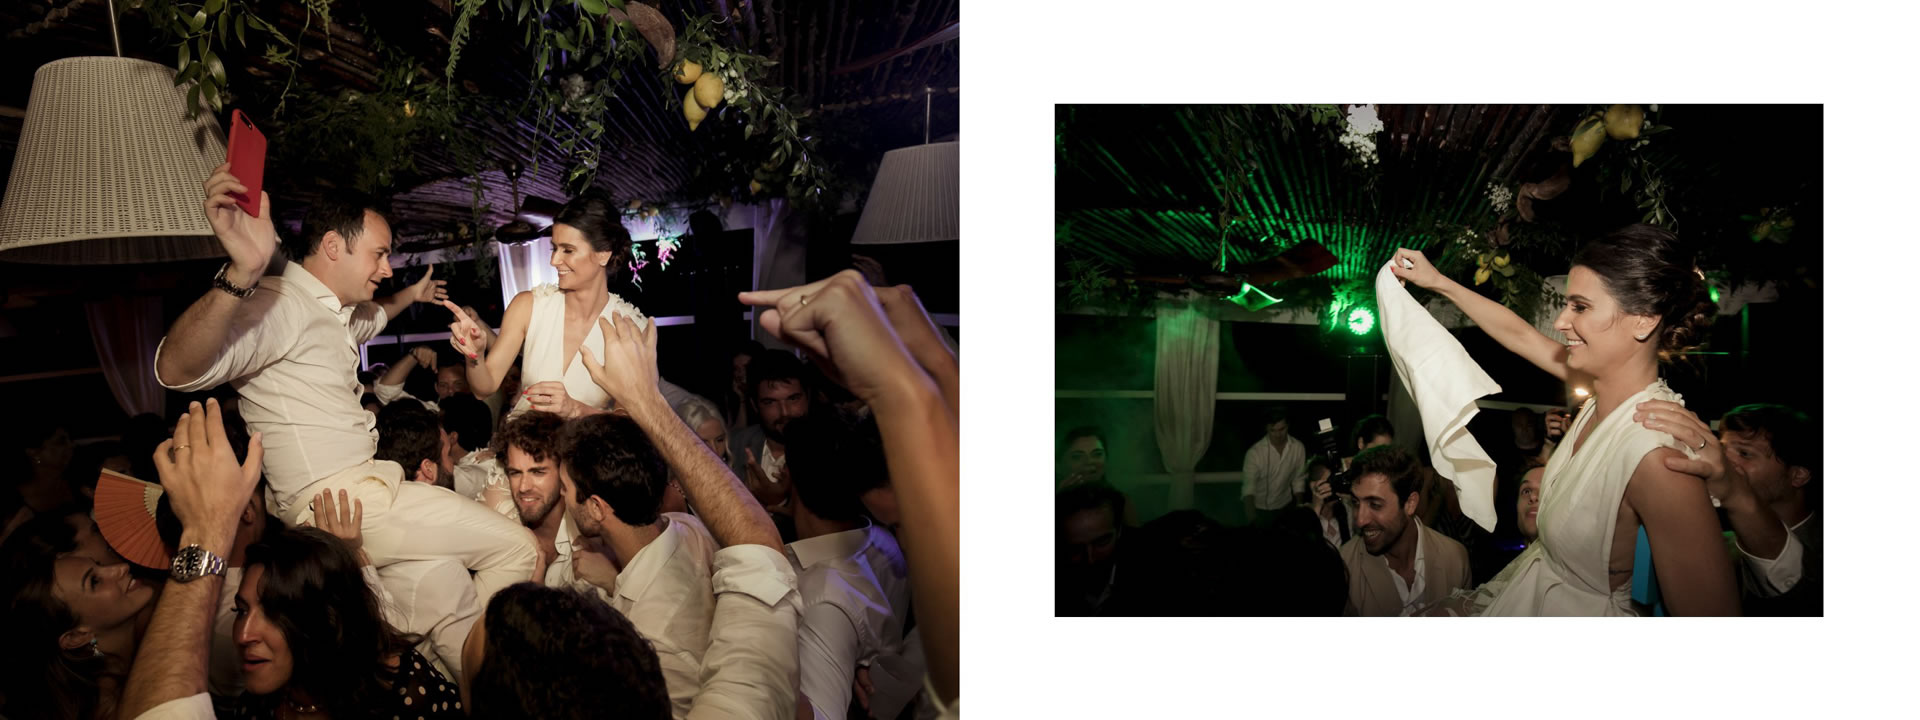 - 56 :: Jewish luxury wedding weekend in Capri :: Luxury wedding photography - 55 ::  - 56